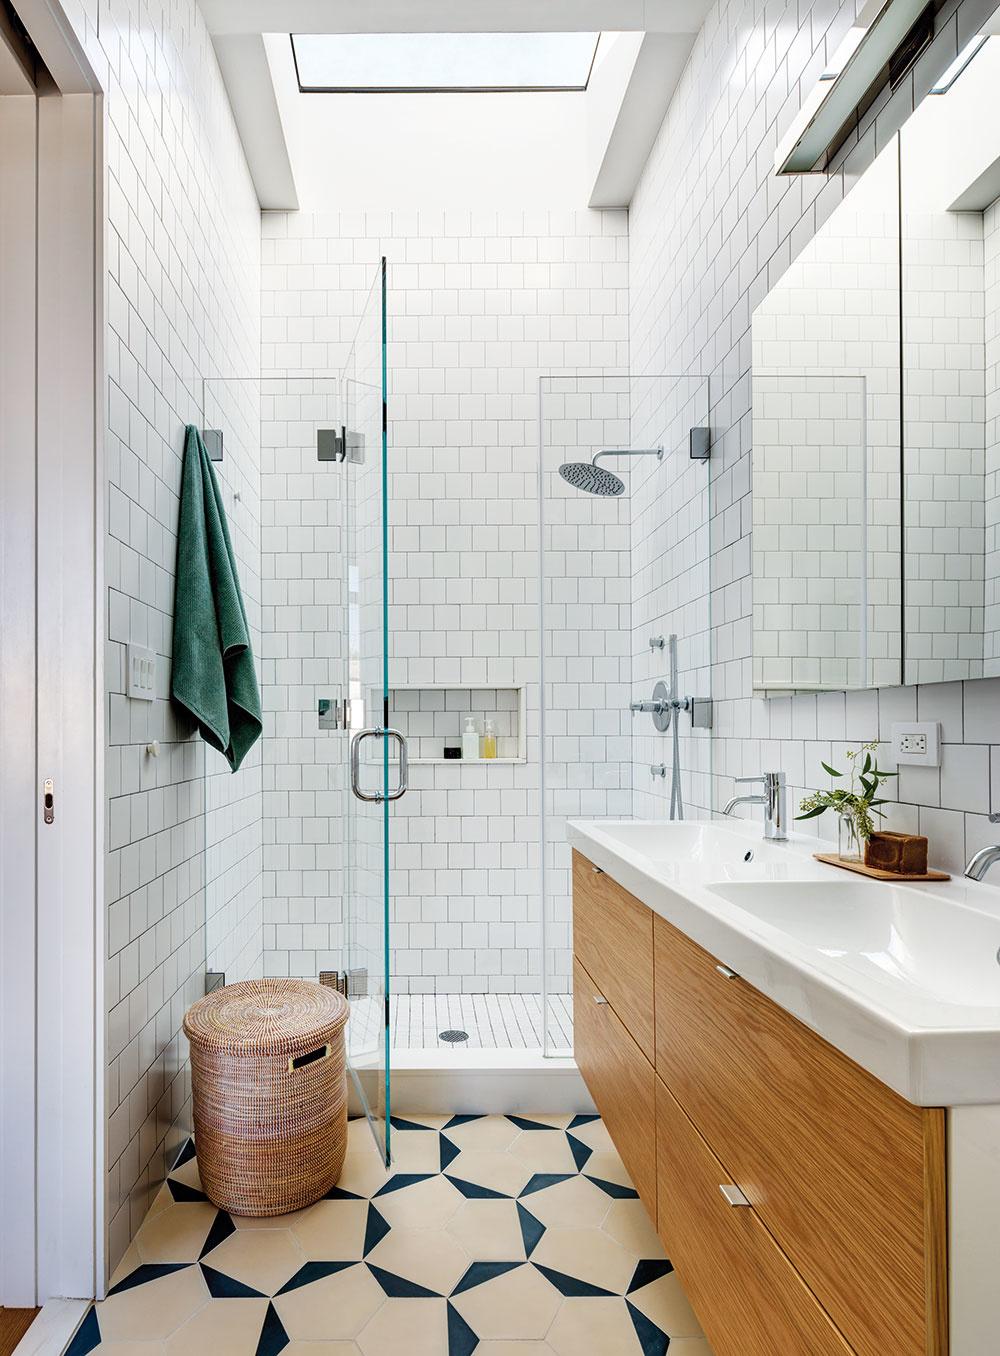 Pokojnú, nie však nudnú atmosféru dodáva hlavnej kúpeľni biely obklad asvetlá geometrická dlažba. Ani tu nechýba drevený prvok – má podobu čela umývadlovej skrinky.